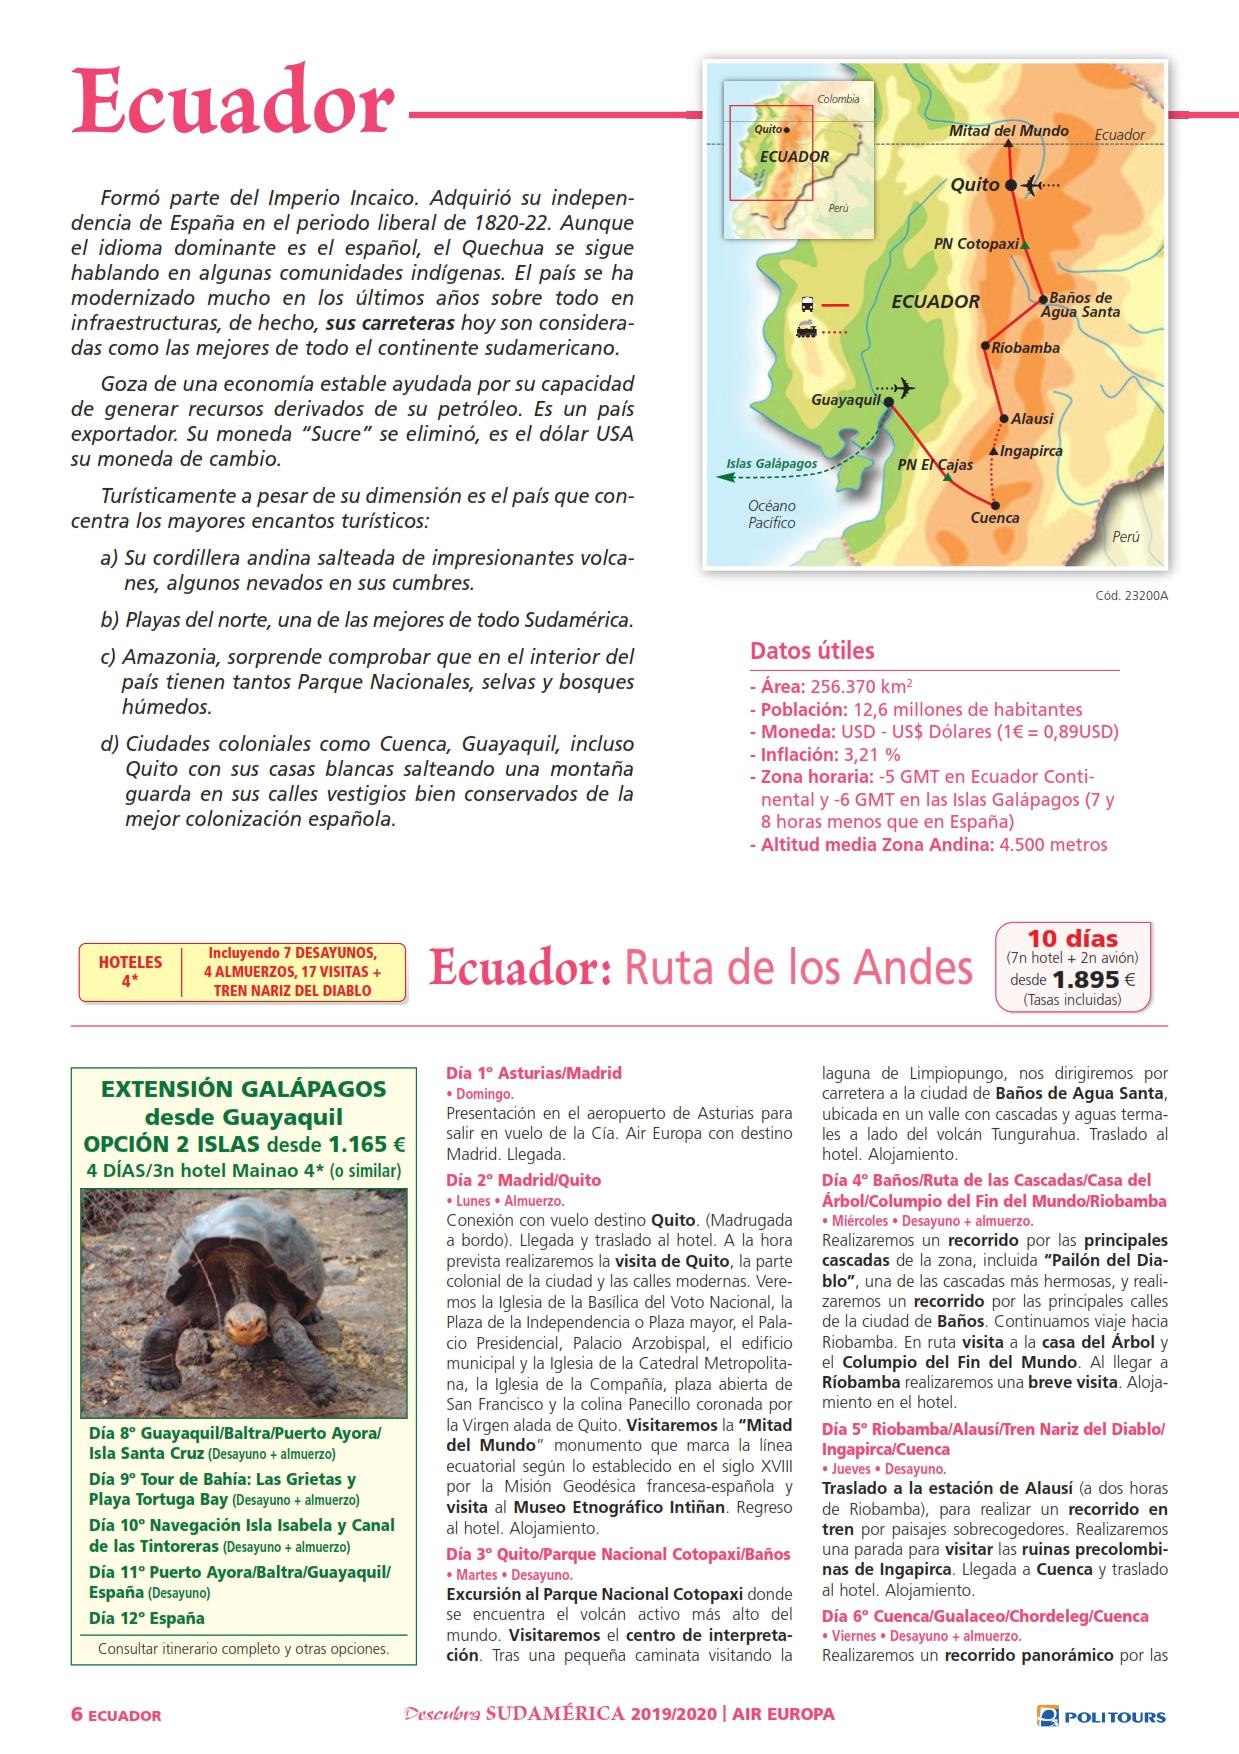 Ecuador: Ruta de los Andes